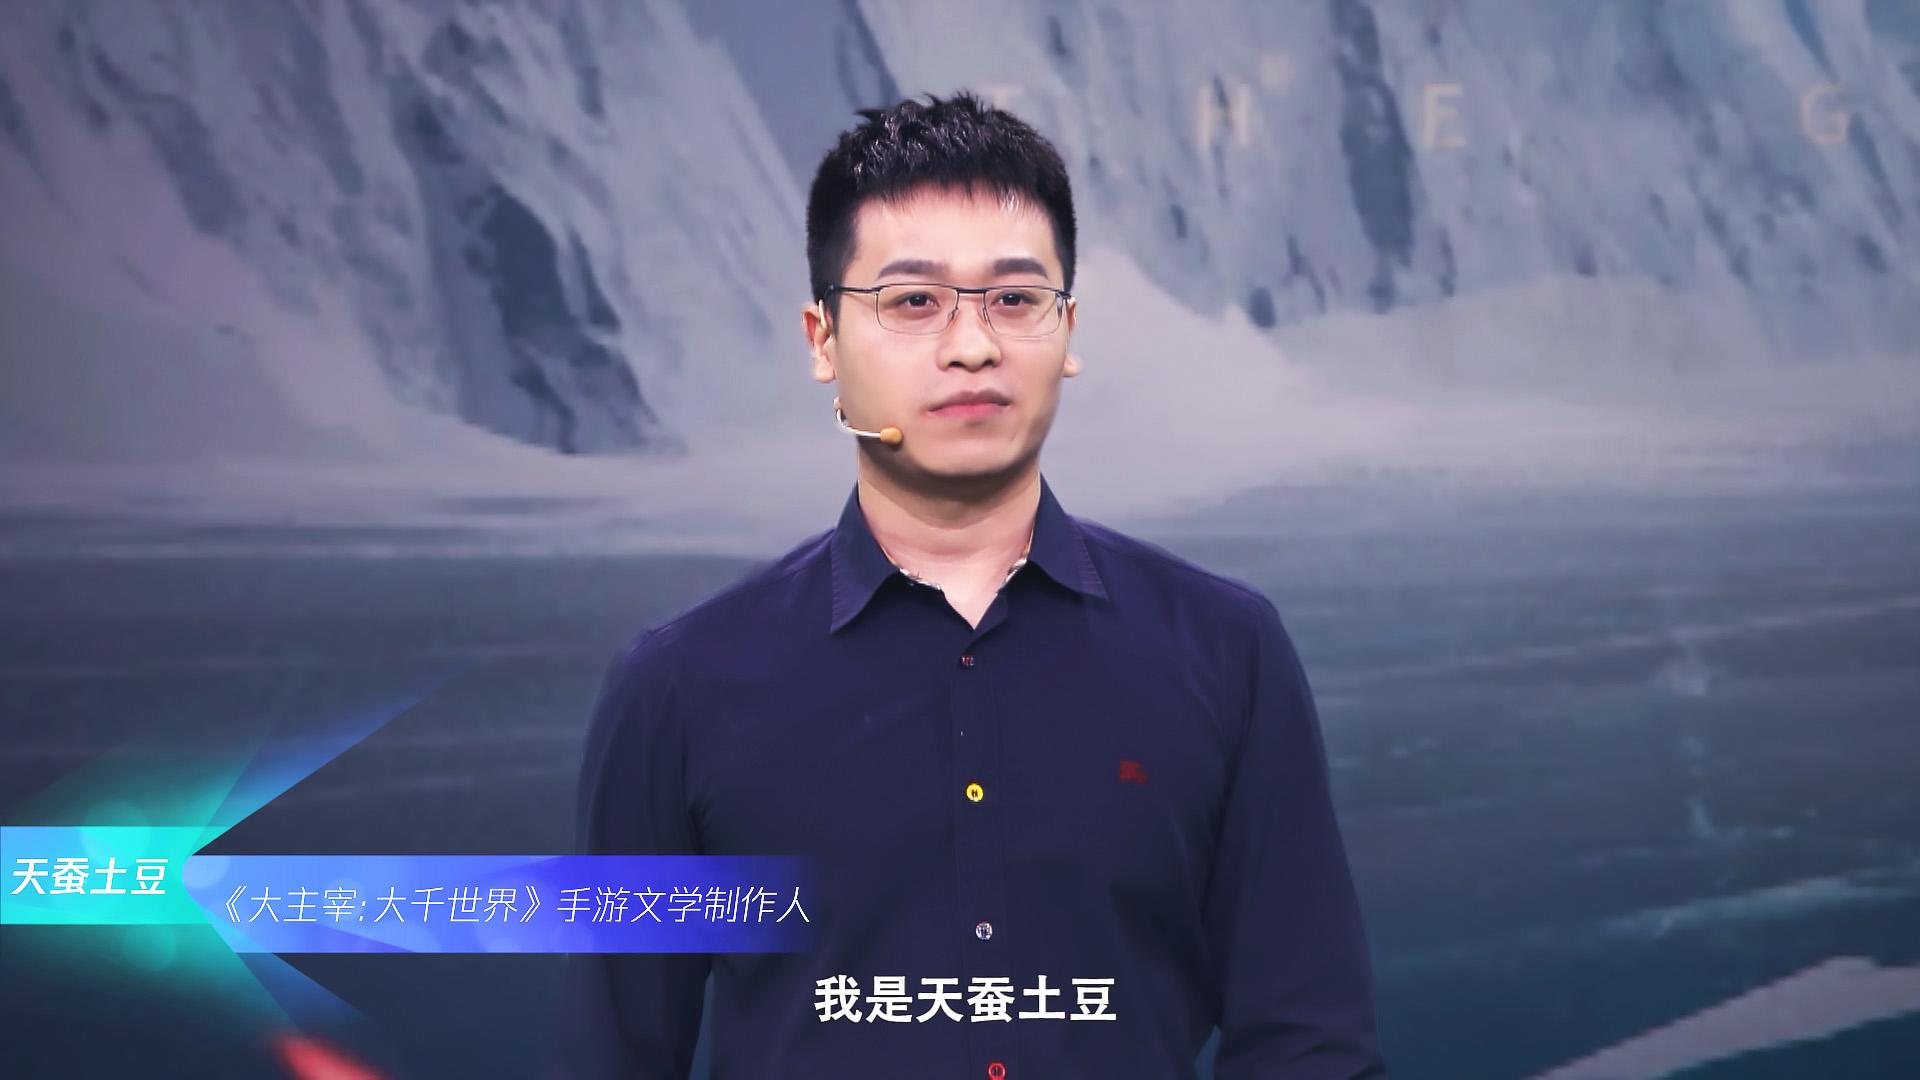 天蚕土豆转型游戏制作人,《大主宰:大千世界》惊艳亮相腾讯游戏发布会